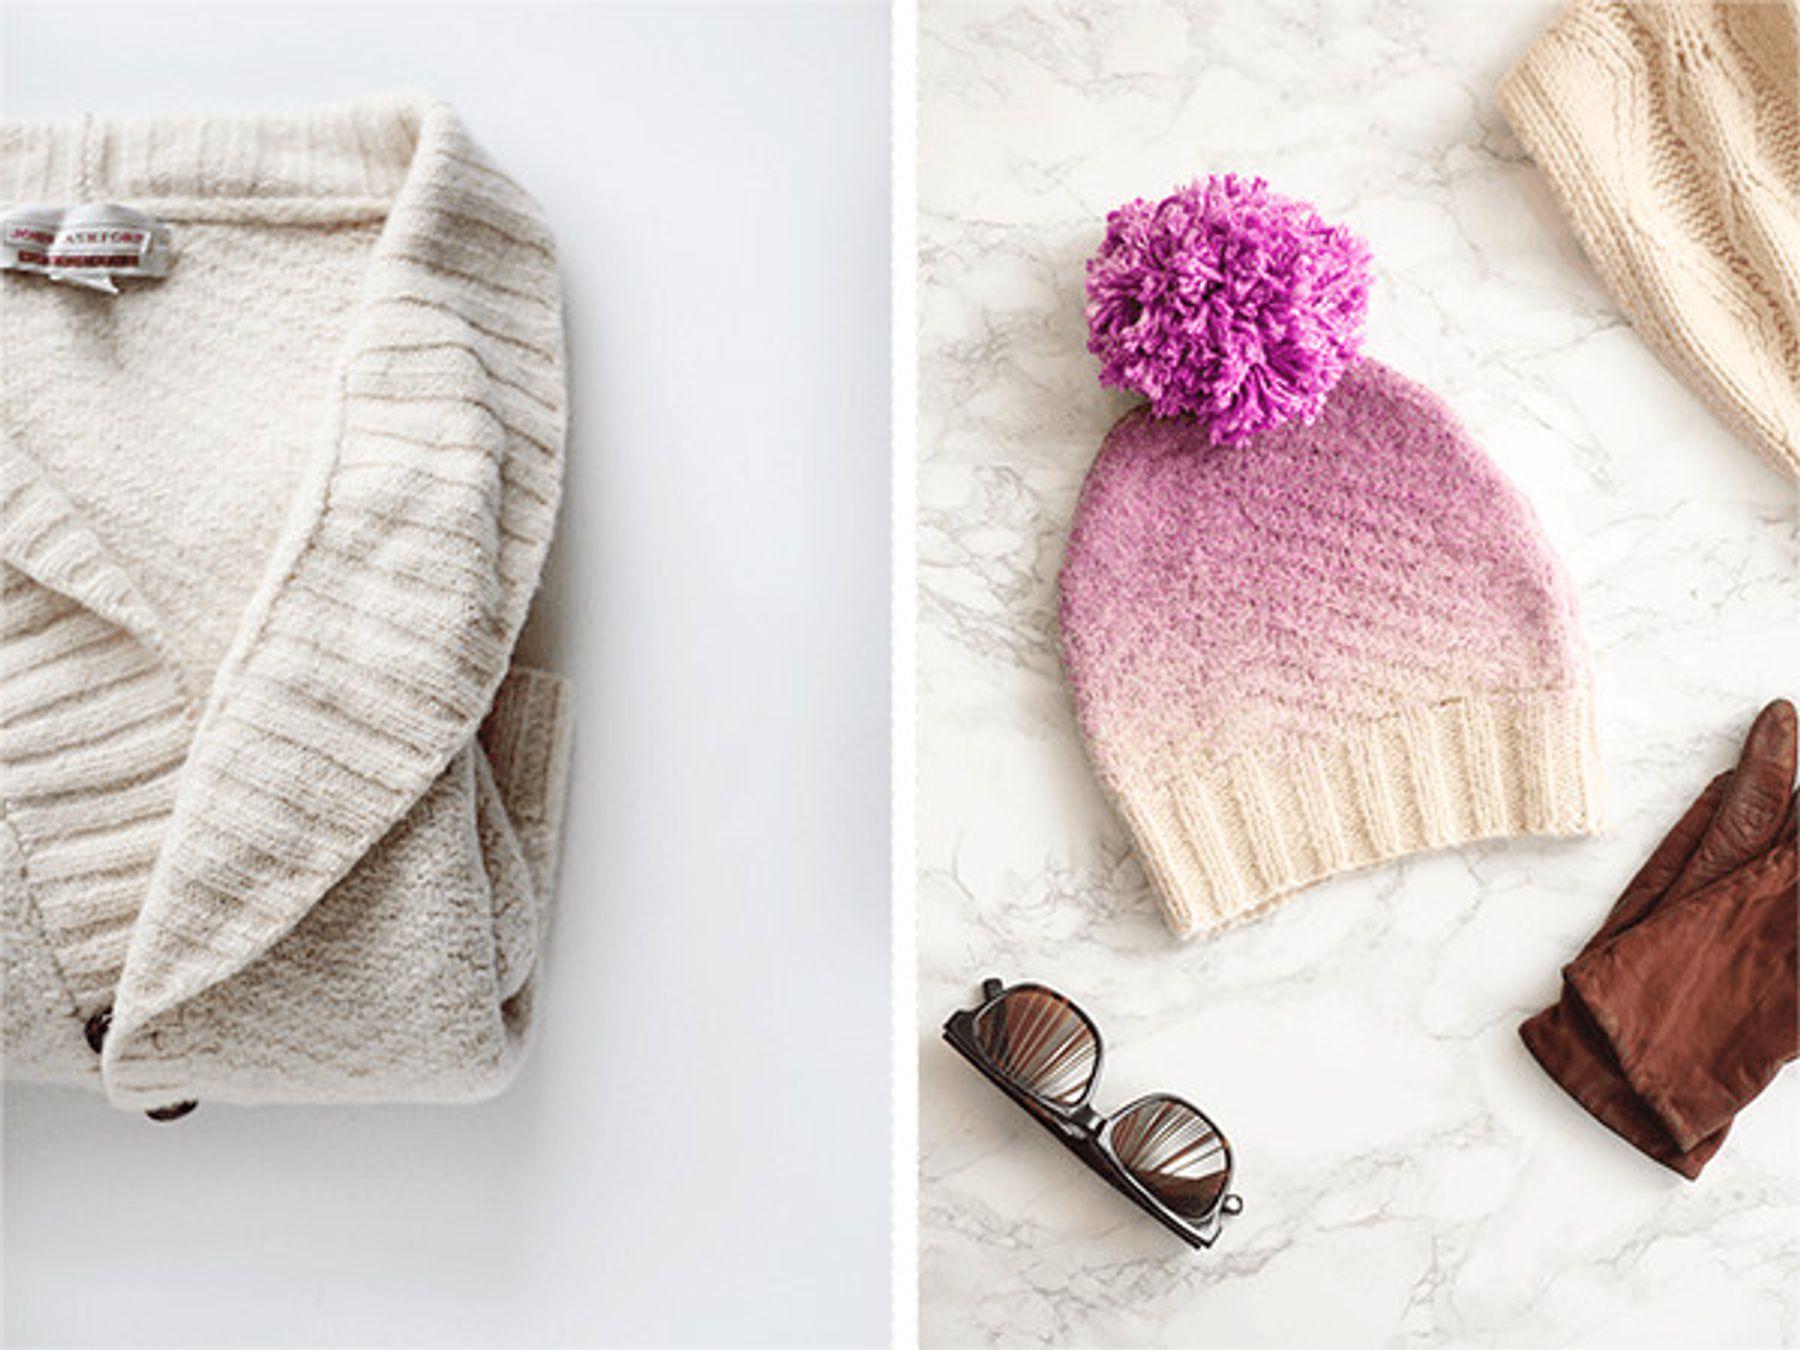 Tái chế áo len cũ thành mũ len